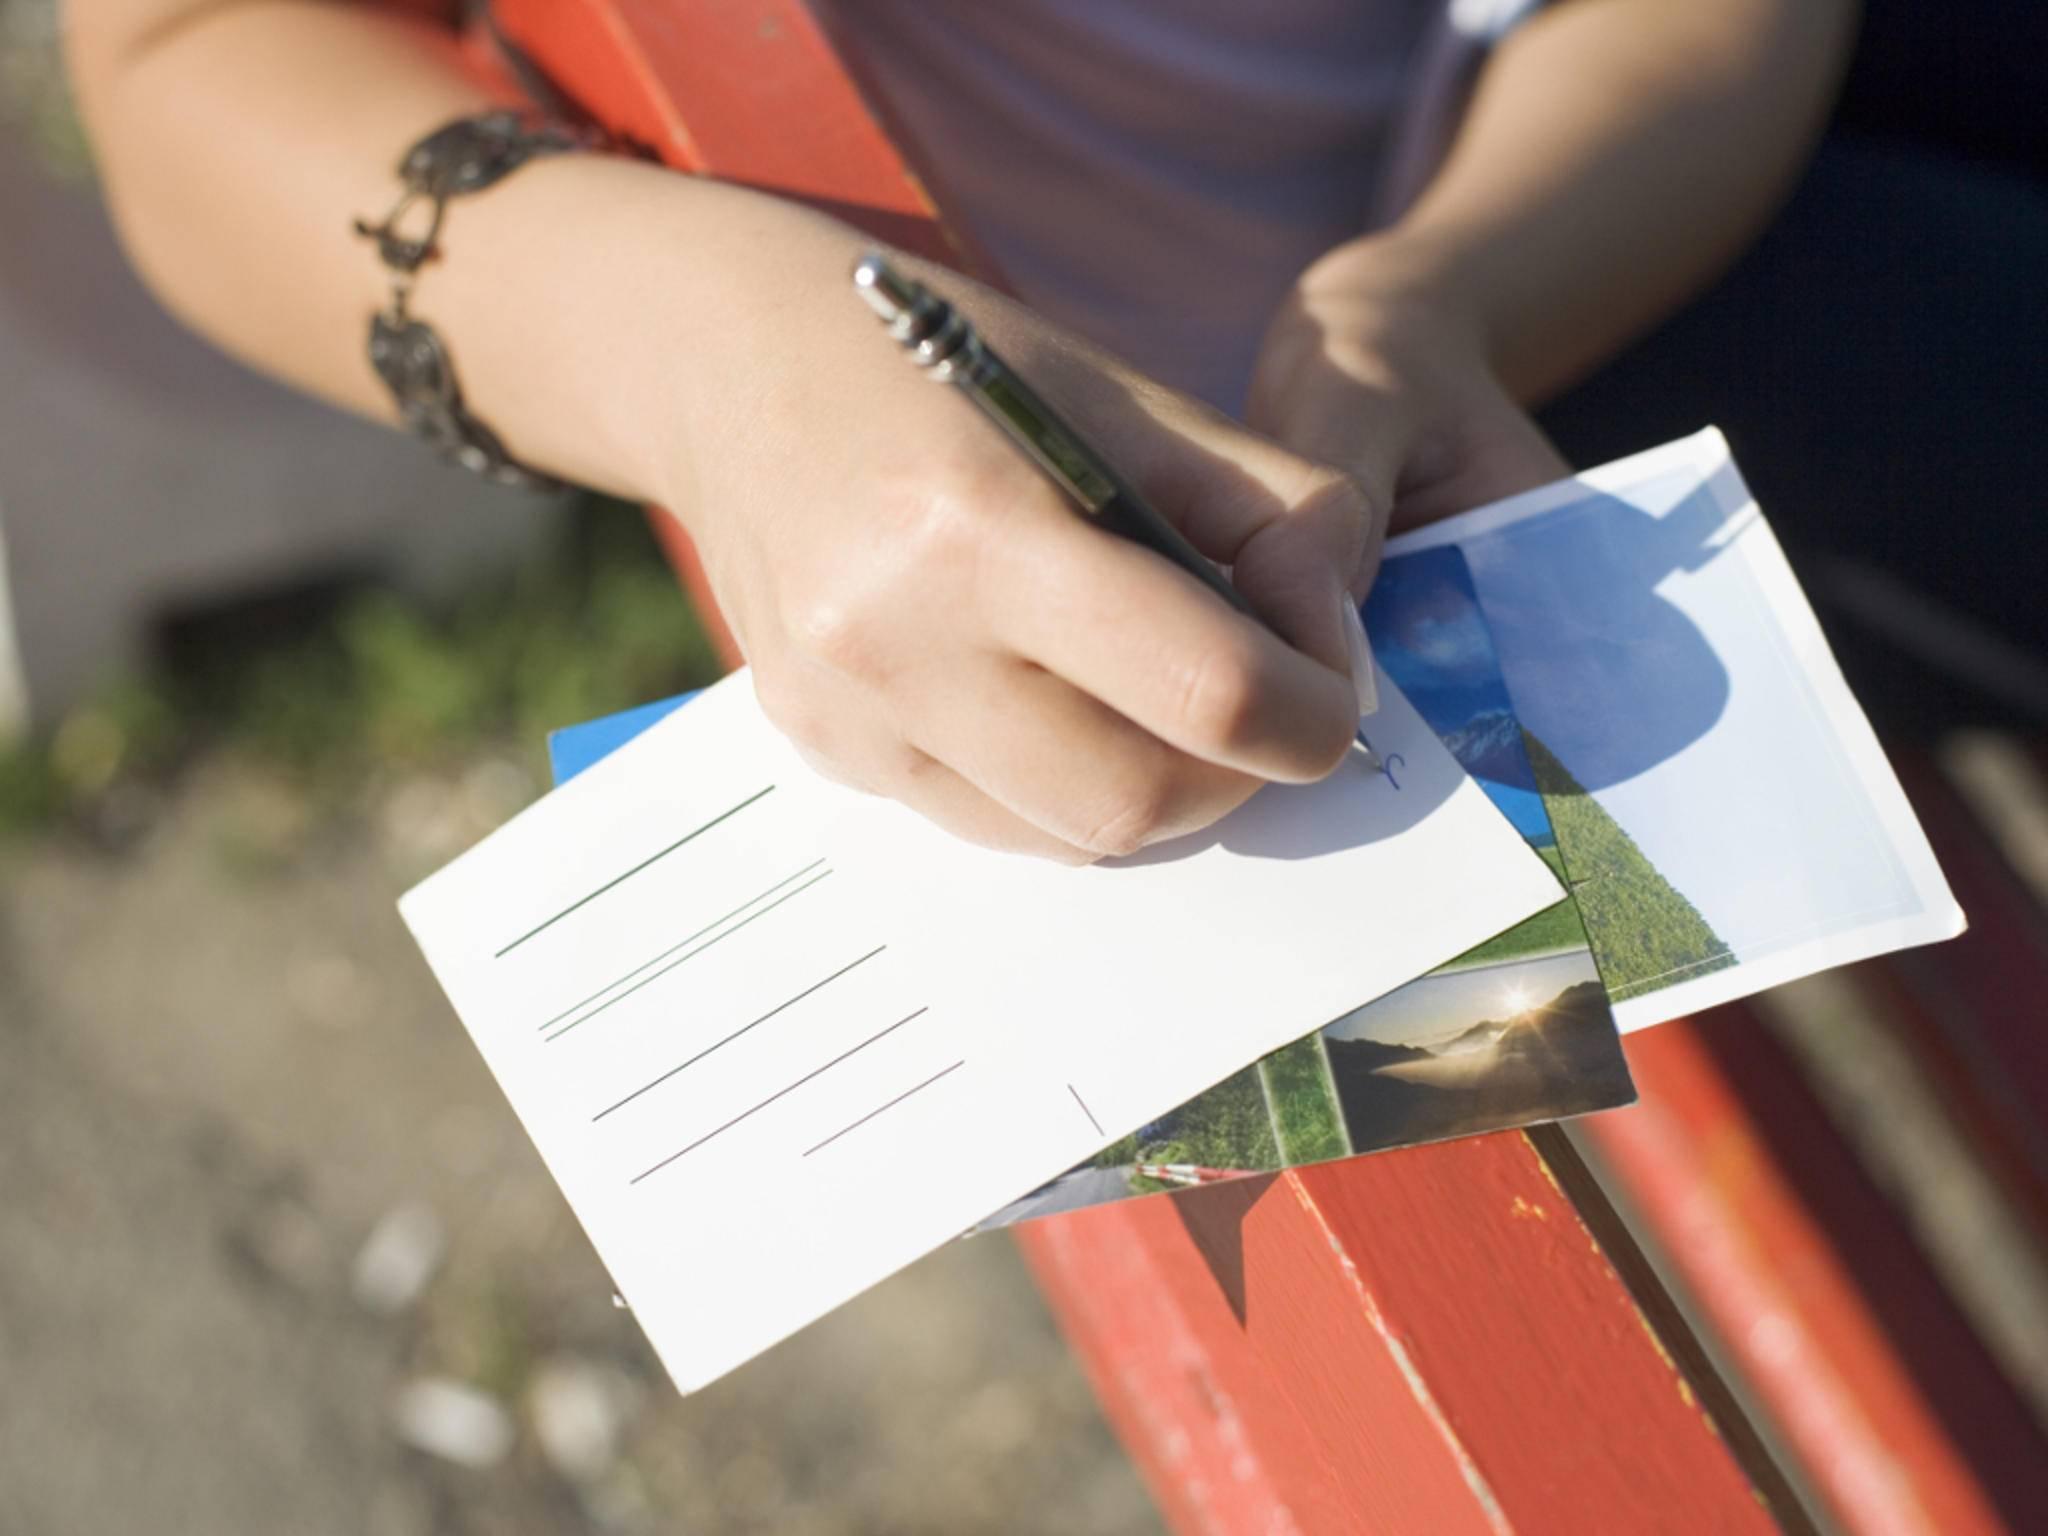 Für den digitalen Versand von Postkarten gibt es mittlerweile jede Menge praktischer Apps.